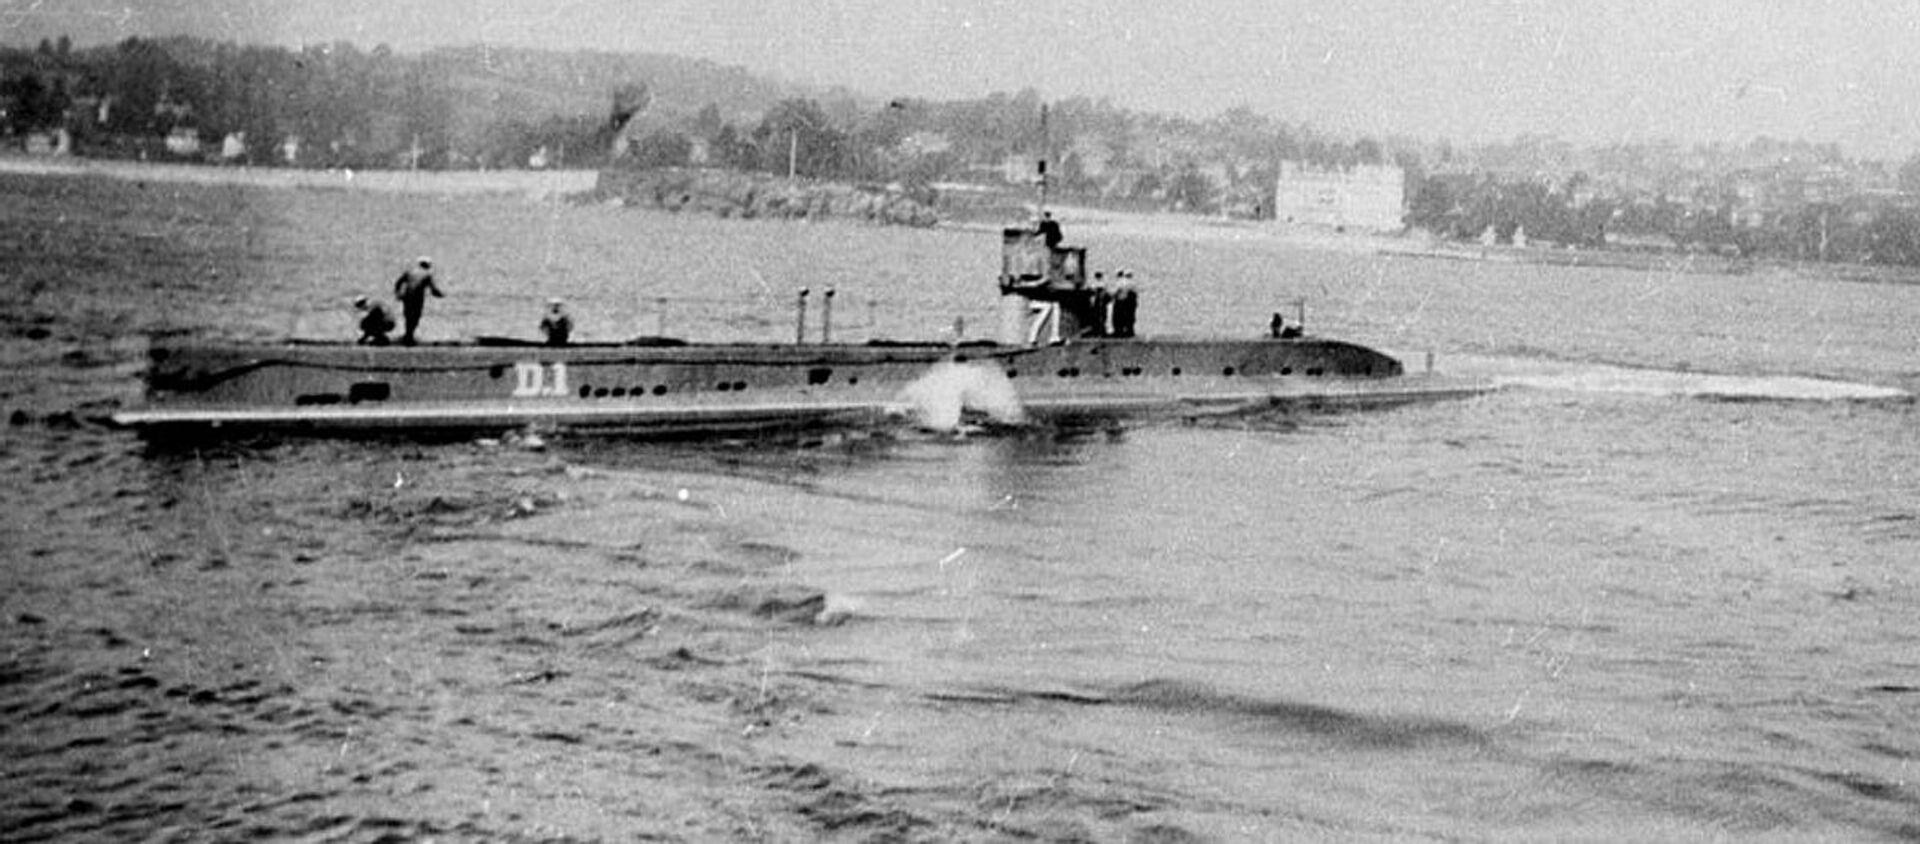 Sottomarino HMS D1 della Marina britannica, foto del 1912 - Sputnik Italia, 1920, 14.05.2021